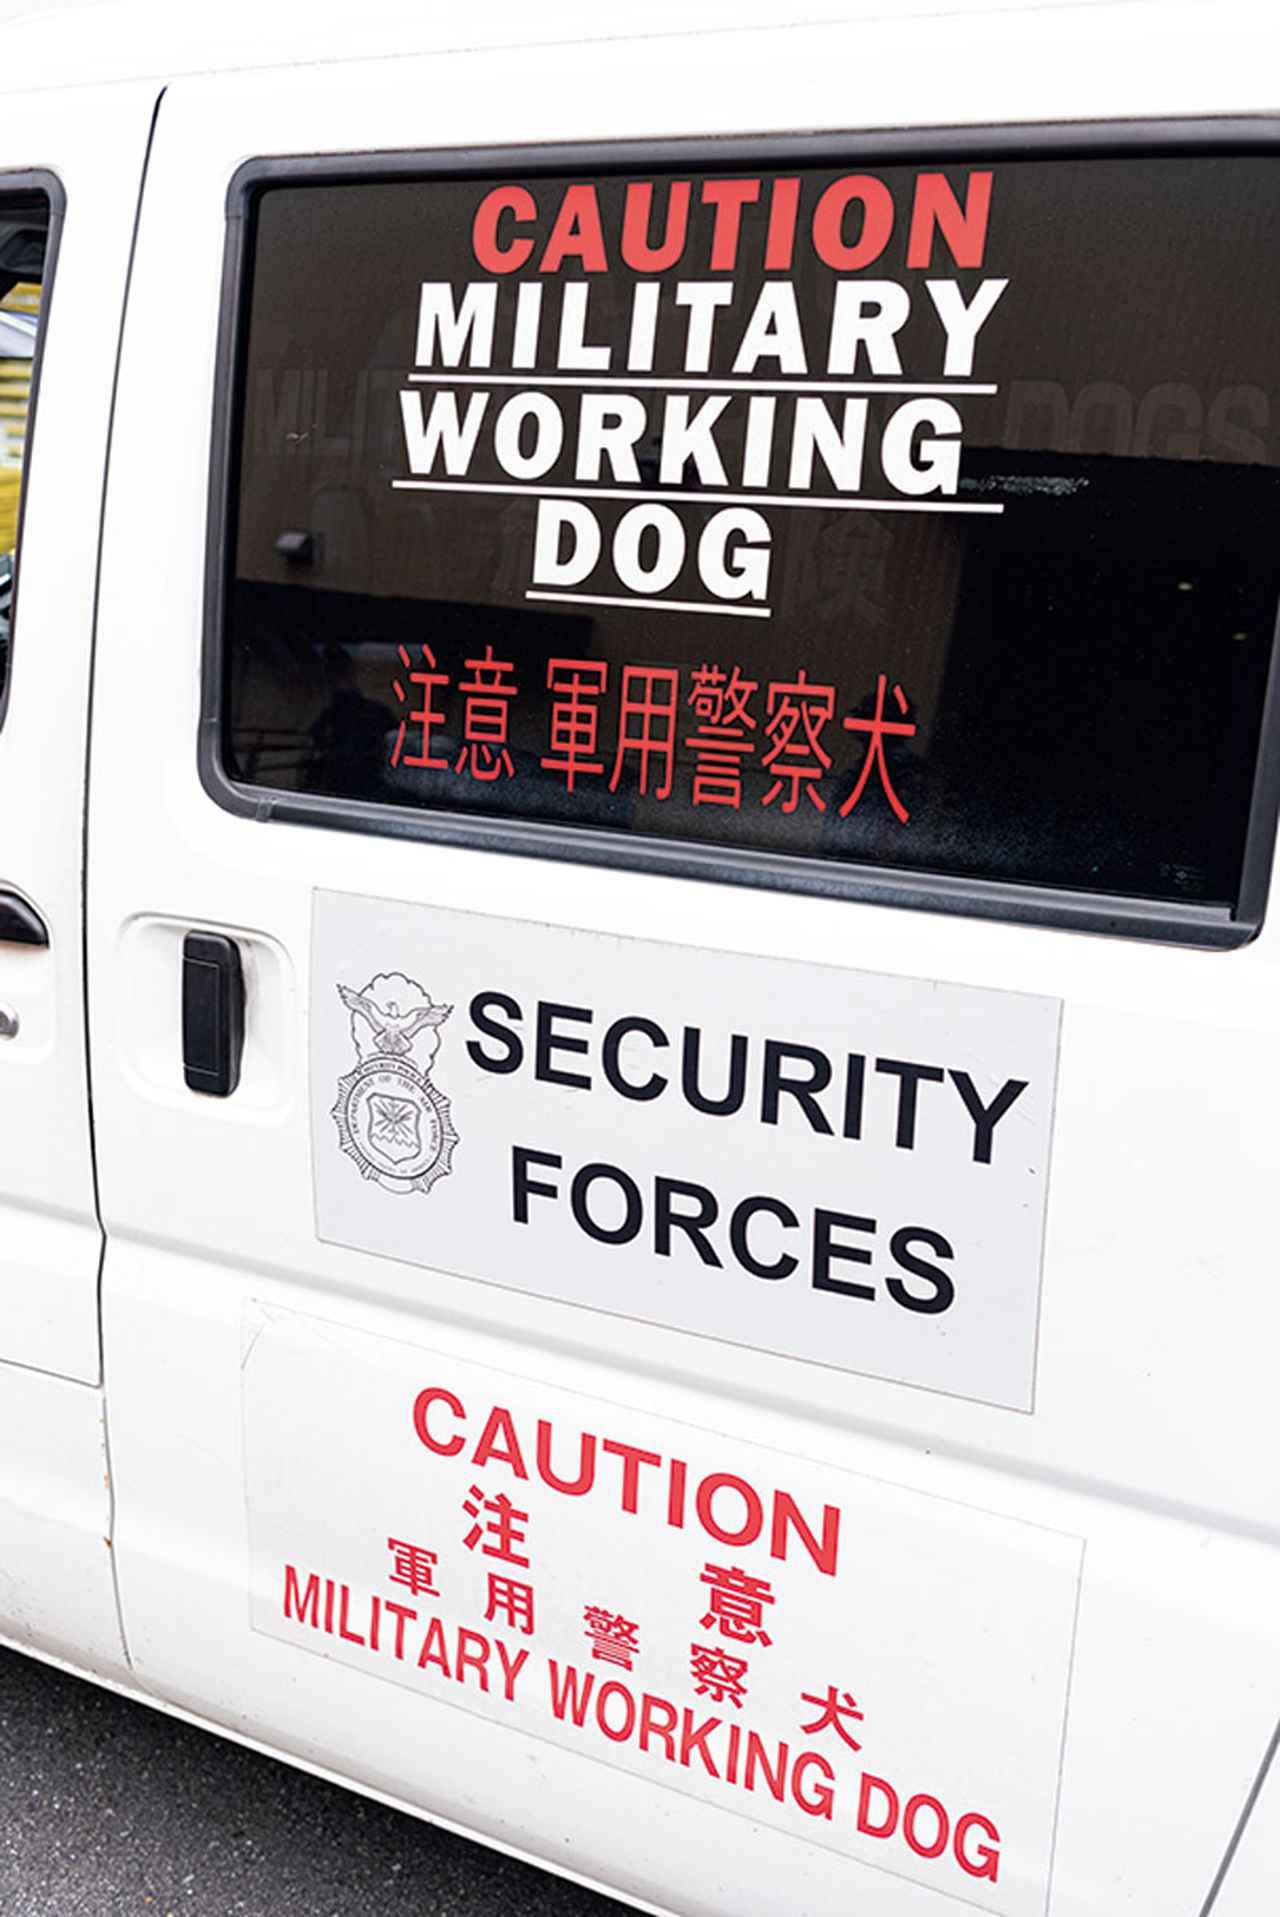 画像: 横田基地内で軍用犬を移動させる際の車両。英語と日本語で注意喚起がなされている